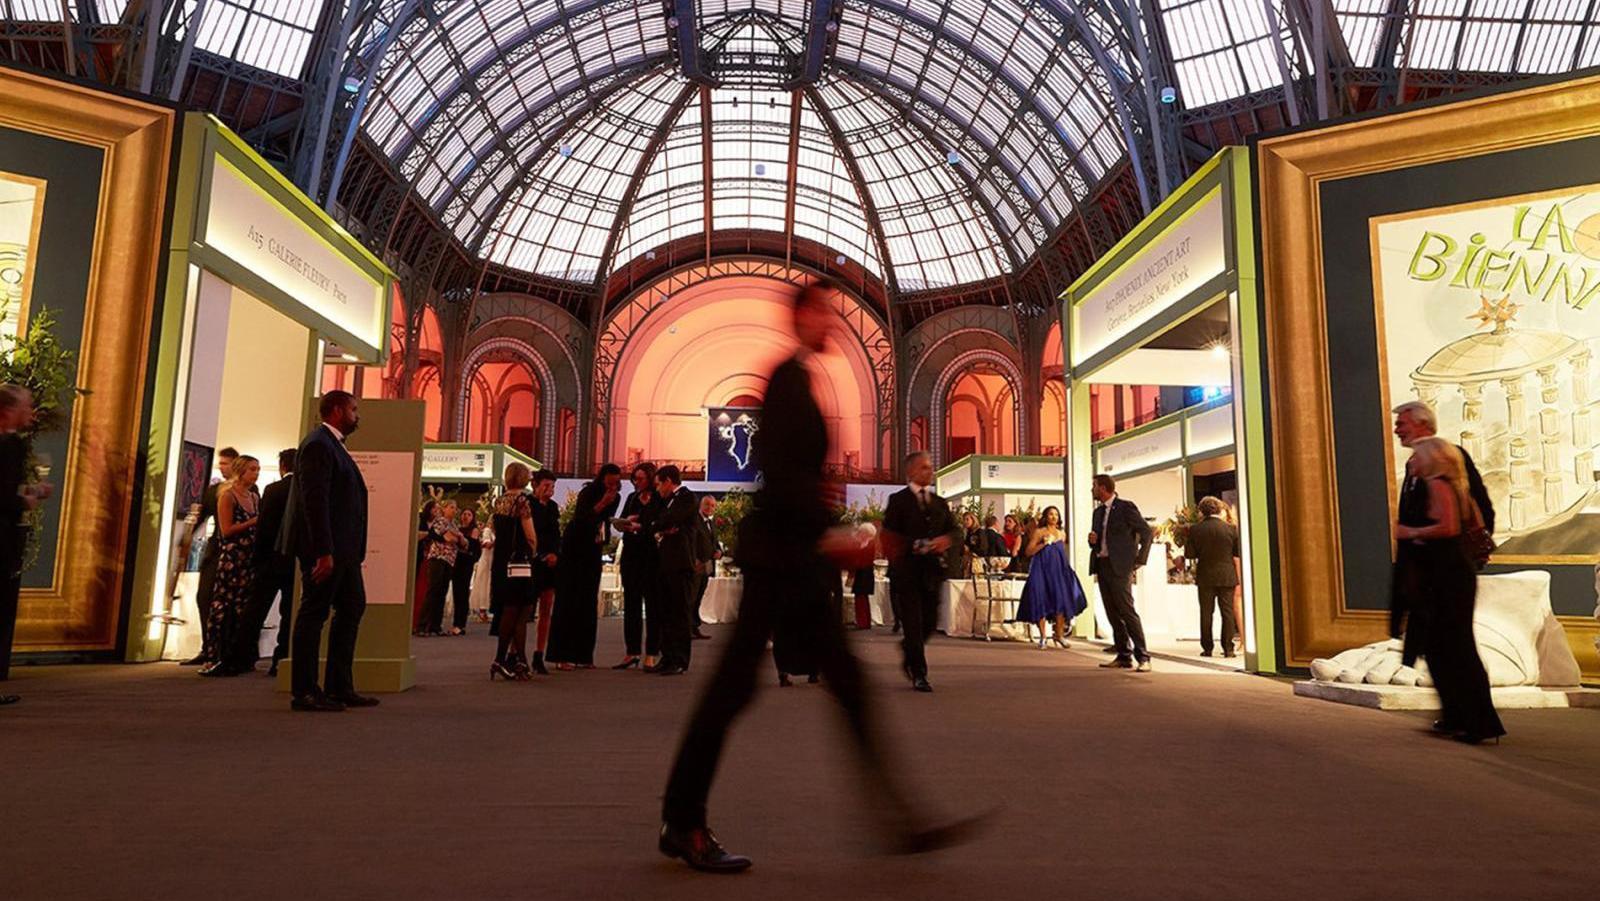 Biennale Paris